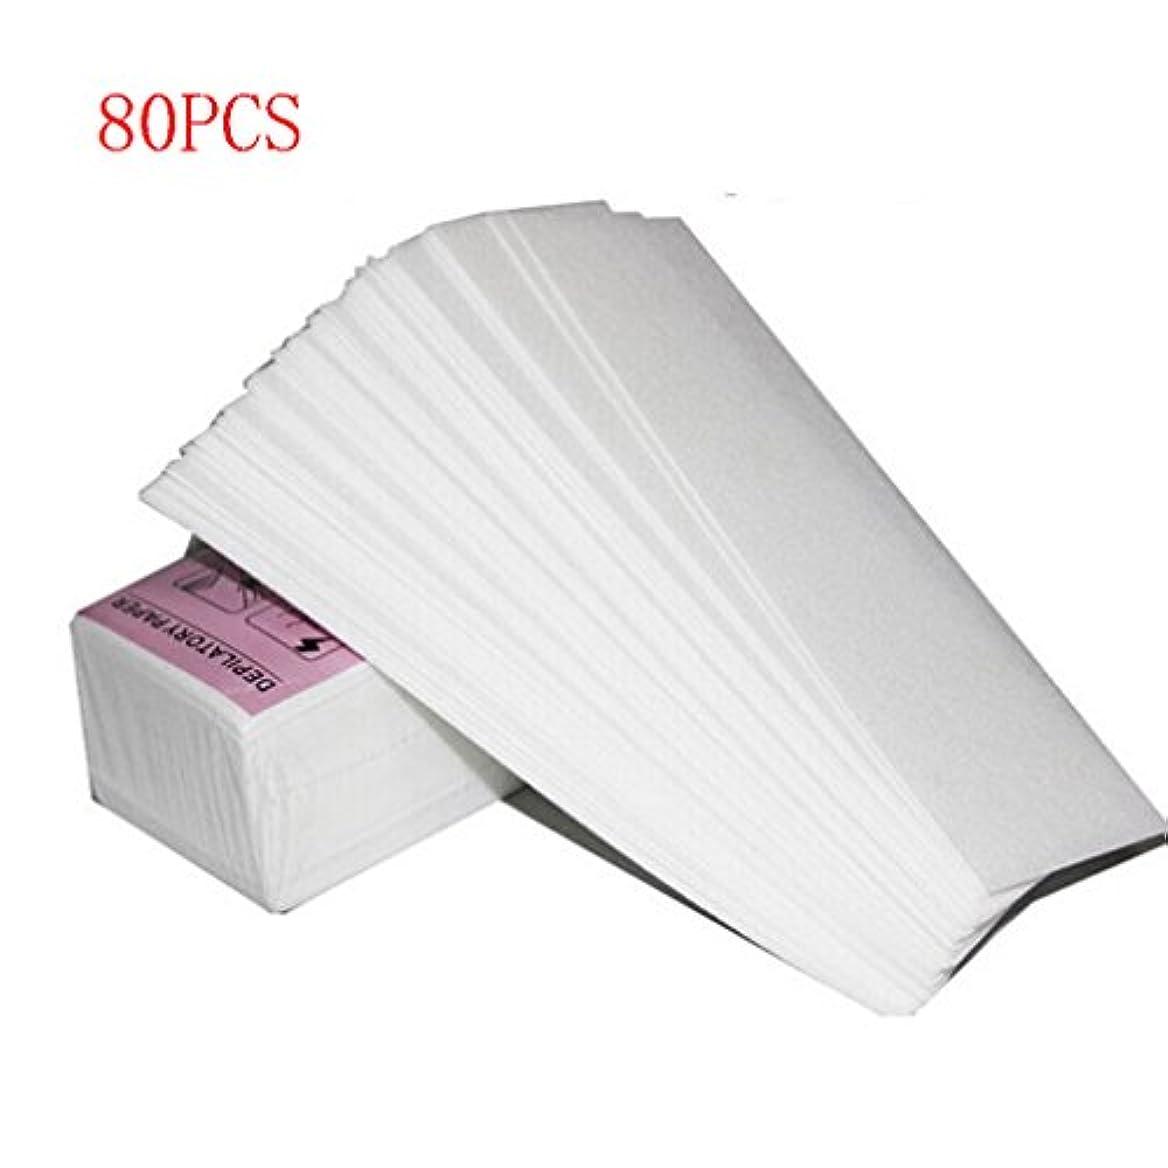 香り切手クライストチャーチワックス脱毛紙 厚く 耐久性のある 引き裂く スムースワックスシート インスタント脱毛シート 脱毛ワックスシート ワックスストリップ 紙 80回分 大容量